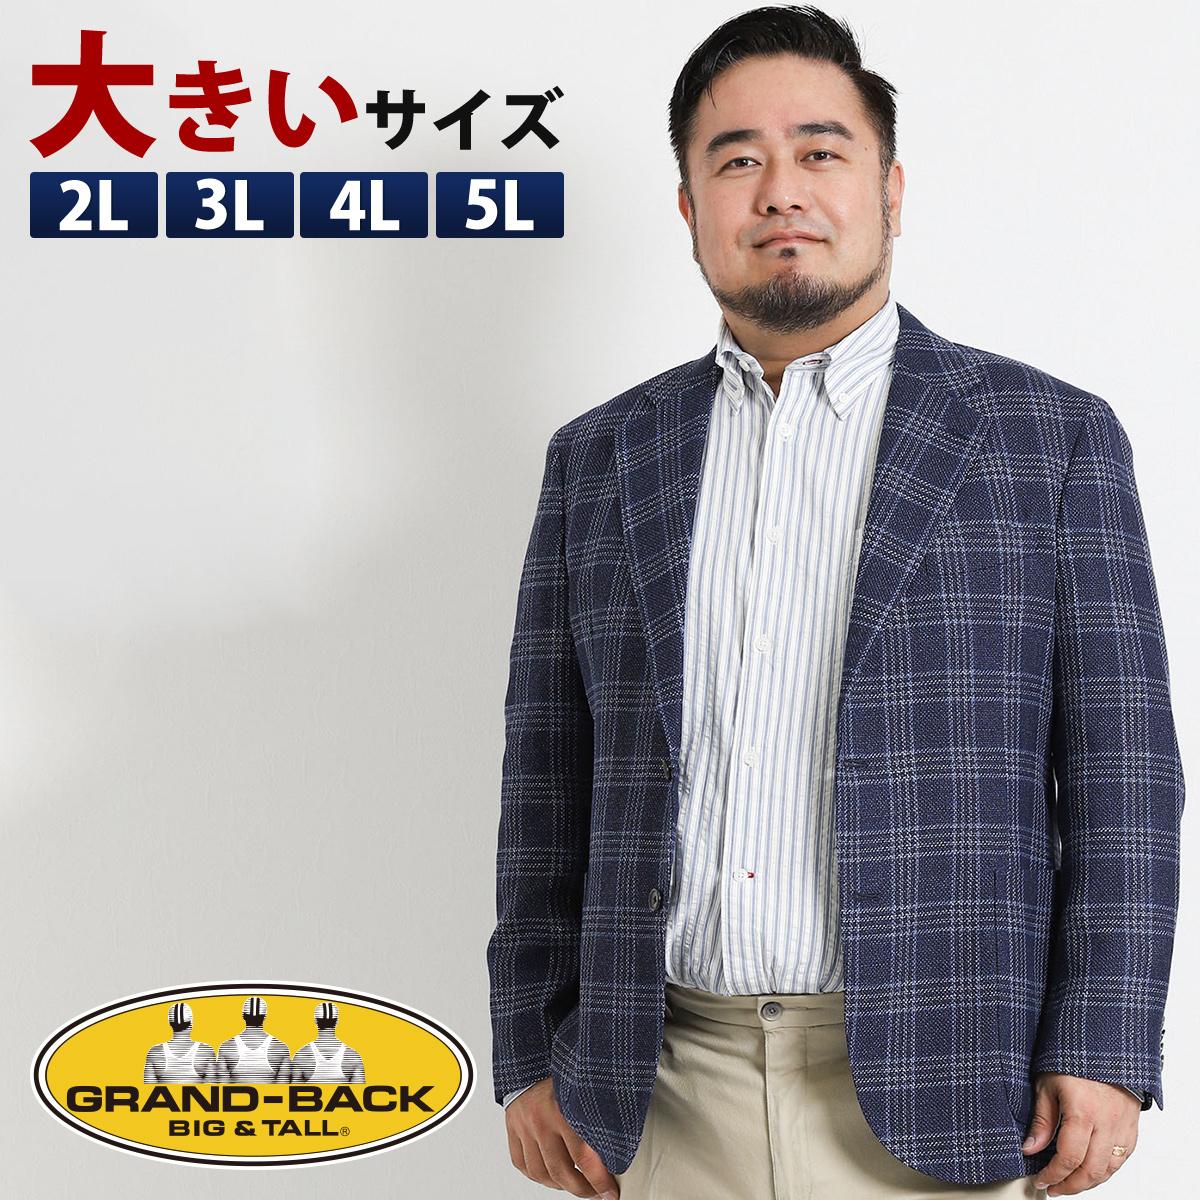 【大きいサイズ・メンズ】アレキサンダージュリアン ウールリネンウィンドペン 2釦シングルジャケット  グランバック 大きいサイズ